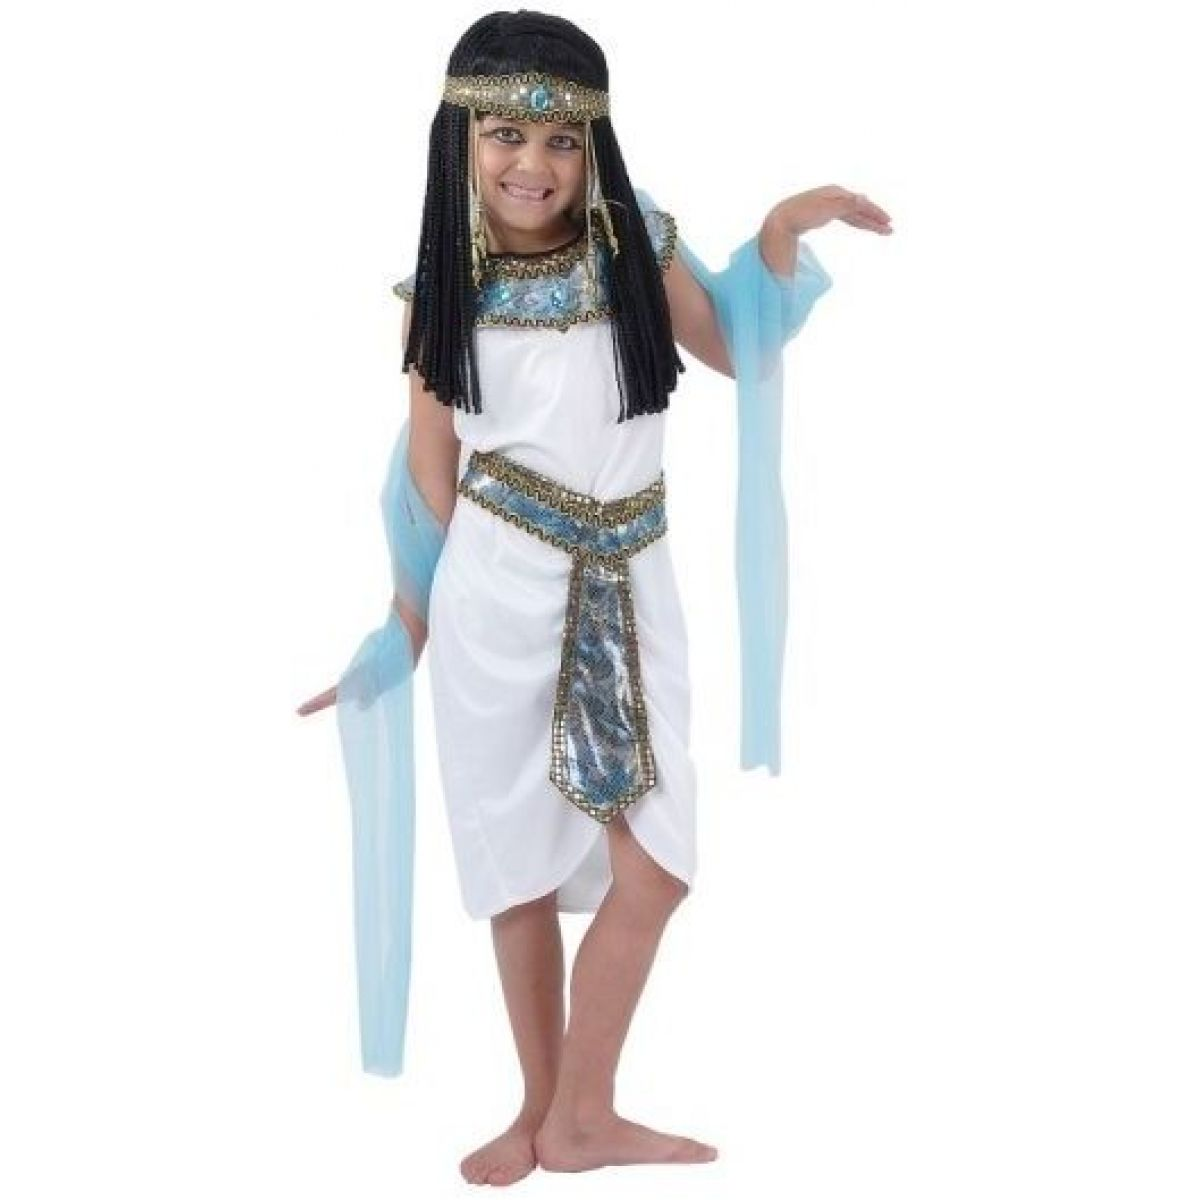 Made Detský kostým Egyptská kráľovná 110-120 cm